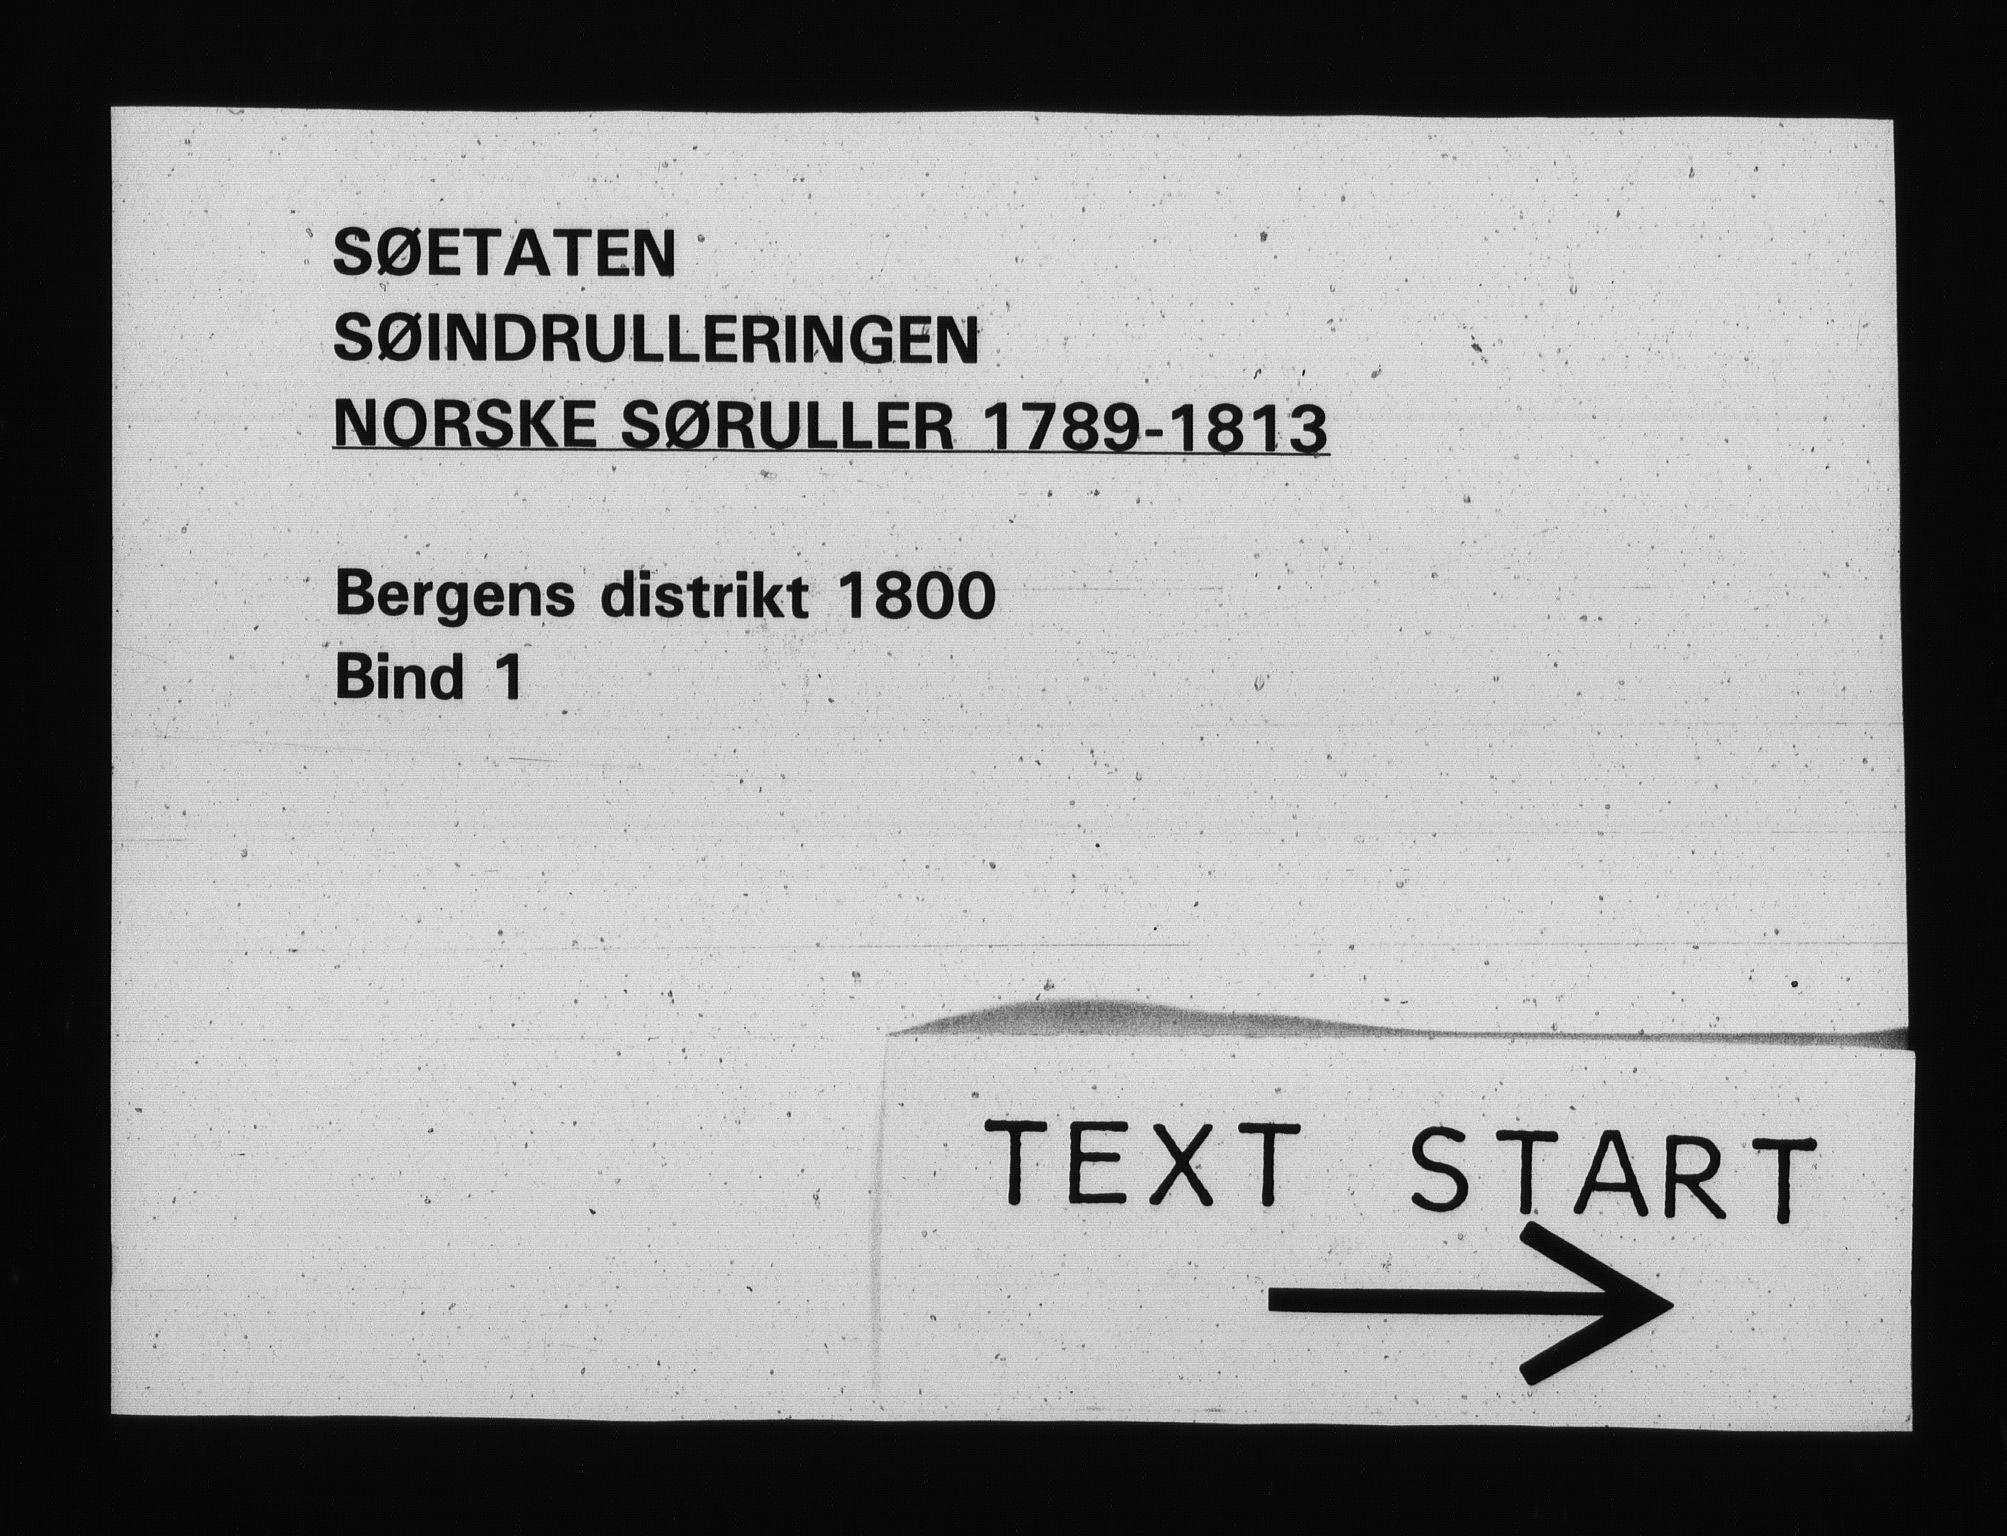 RA, Sjøetaten, F/L0229: Bergen distrikt, bind 1, 1800